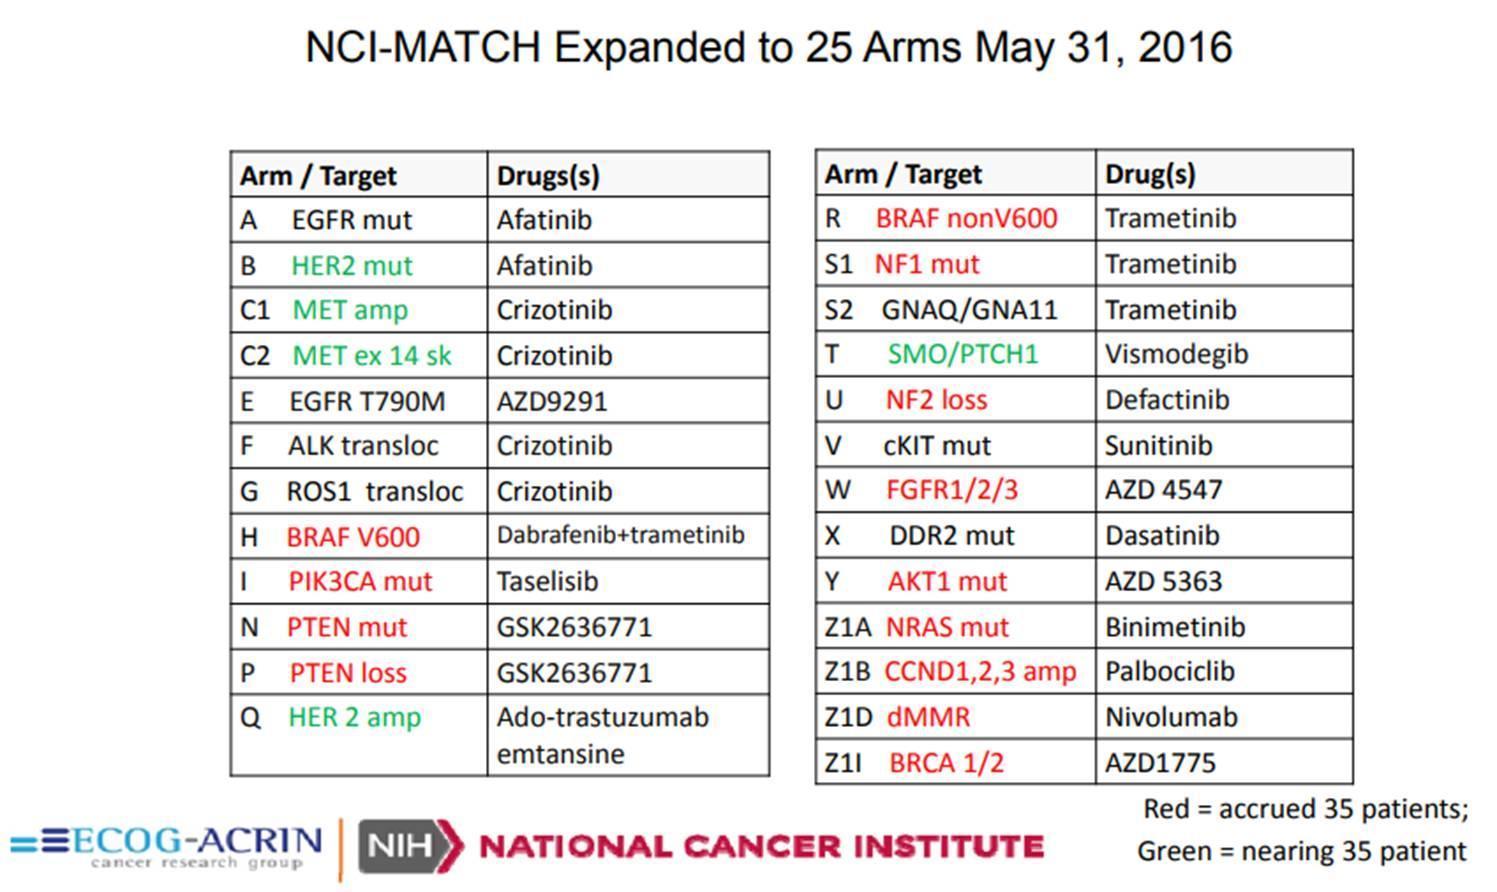 里程碑!FDA首次批准基于NGS的大型致癌基因组合作为体外检测标准